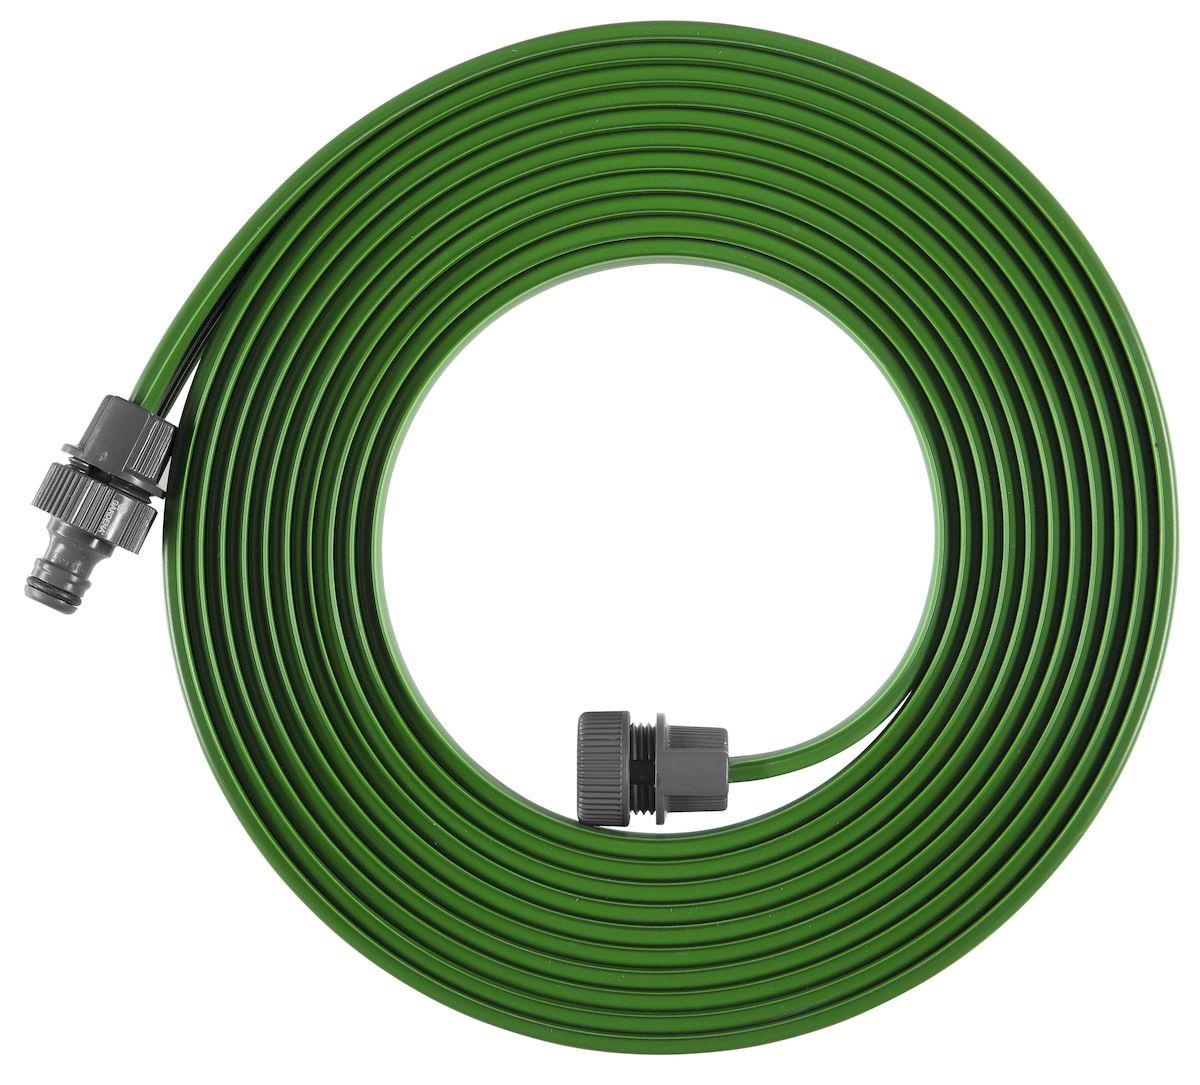 Шланг-дождеватель Gardena, цвет: зеленый, 7,5 м дождеватель truper t 10363